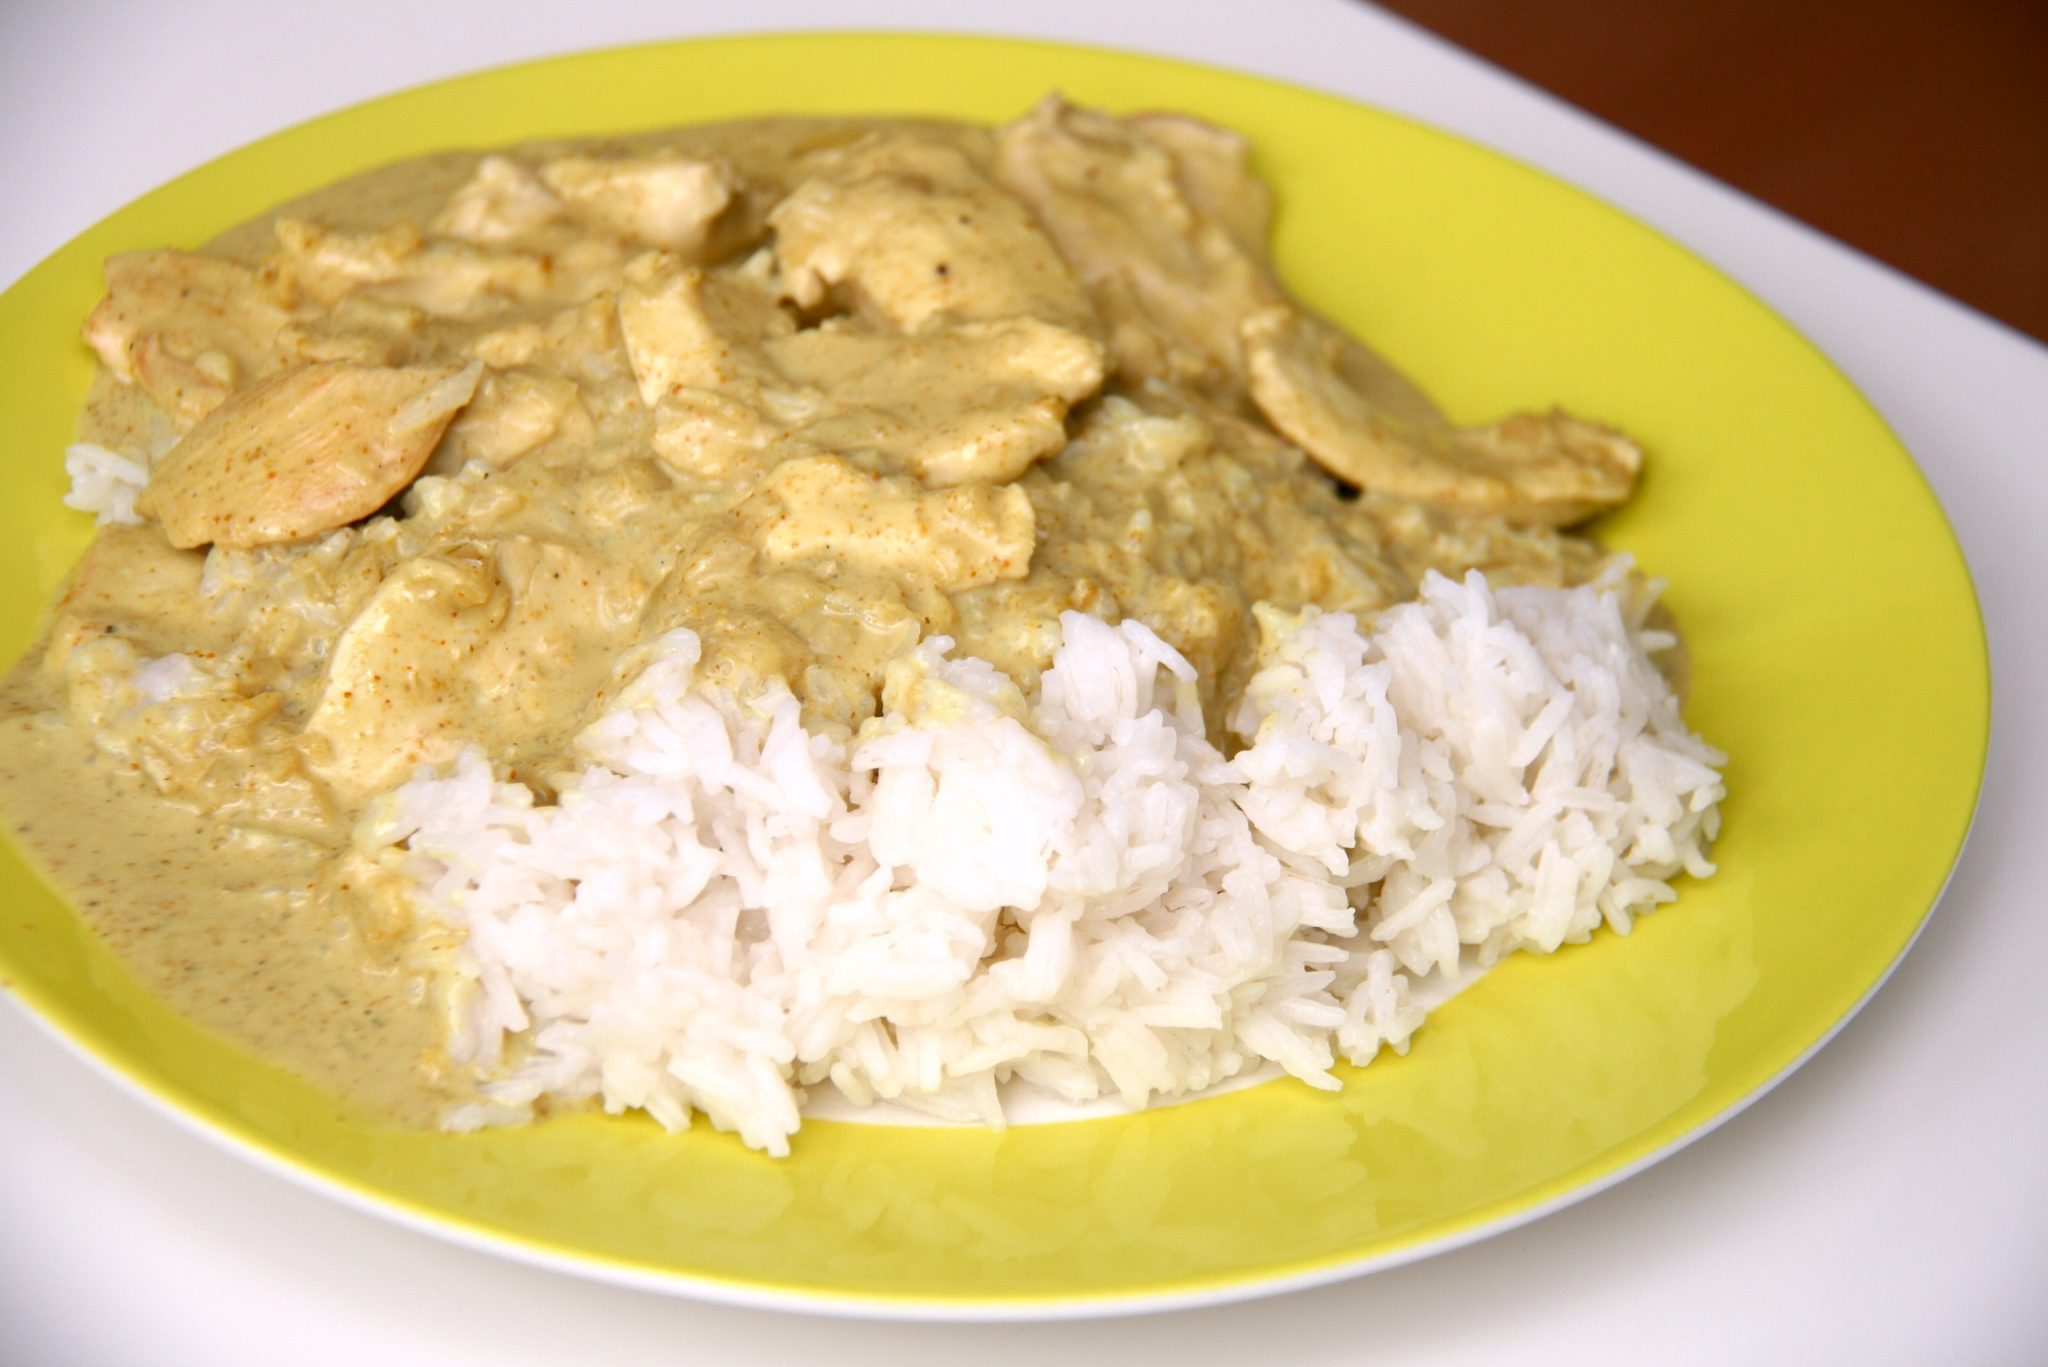 recette aiguillettes de poulet sauce curry avec riz au cookeo cookeo mania. Black Bedroom Furniture Sets. Home Design Ideas